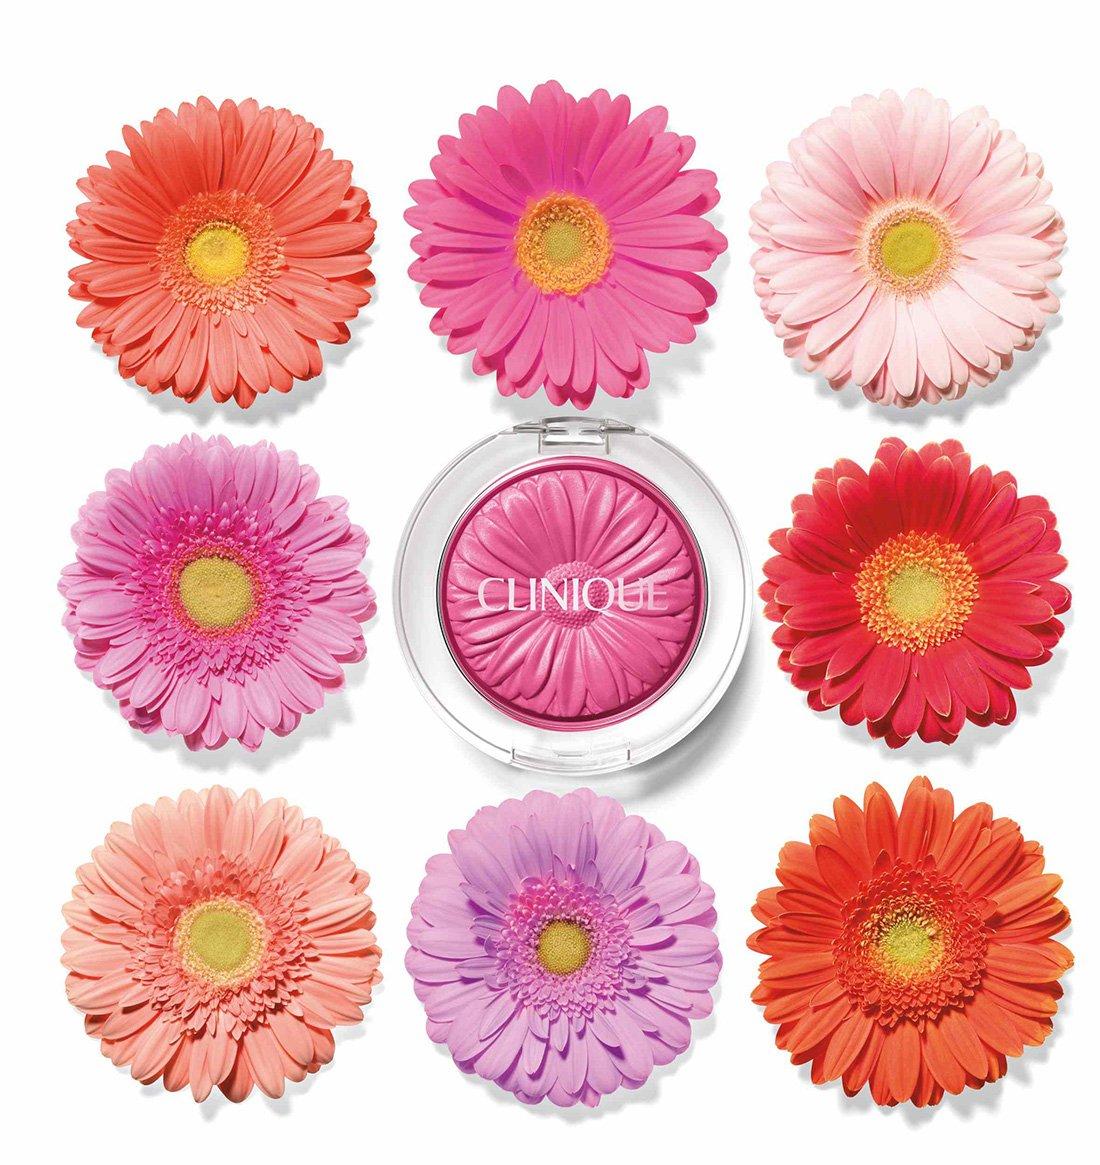 DOM_SpringTrend_Bloom_LNLT_vis-V6_small